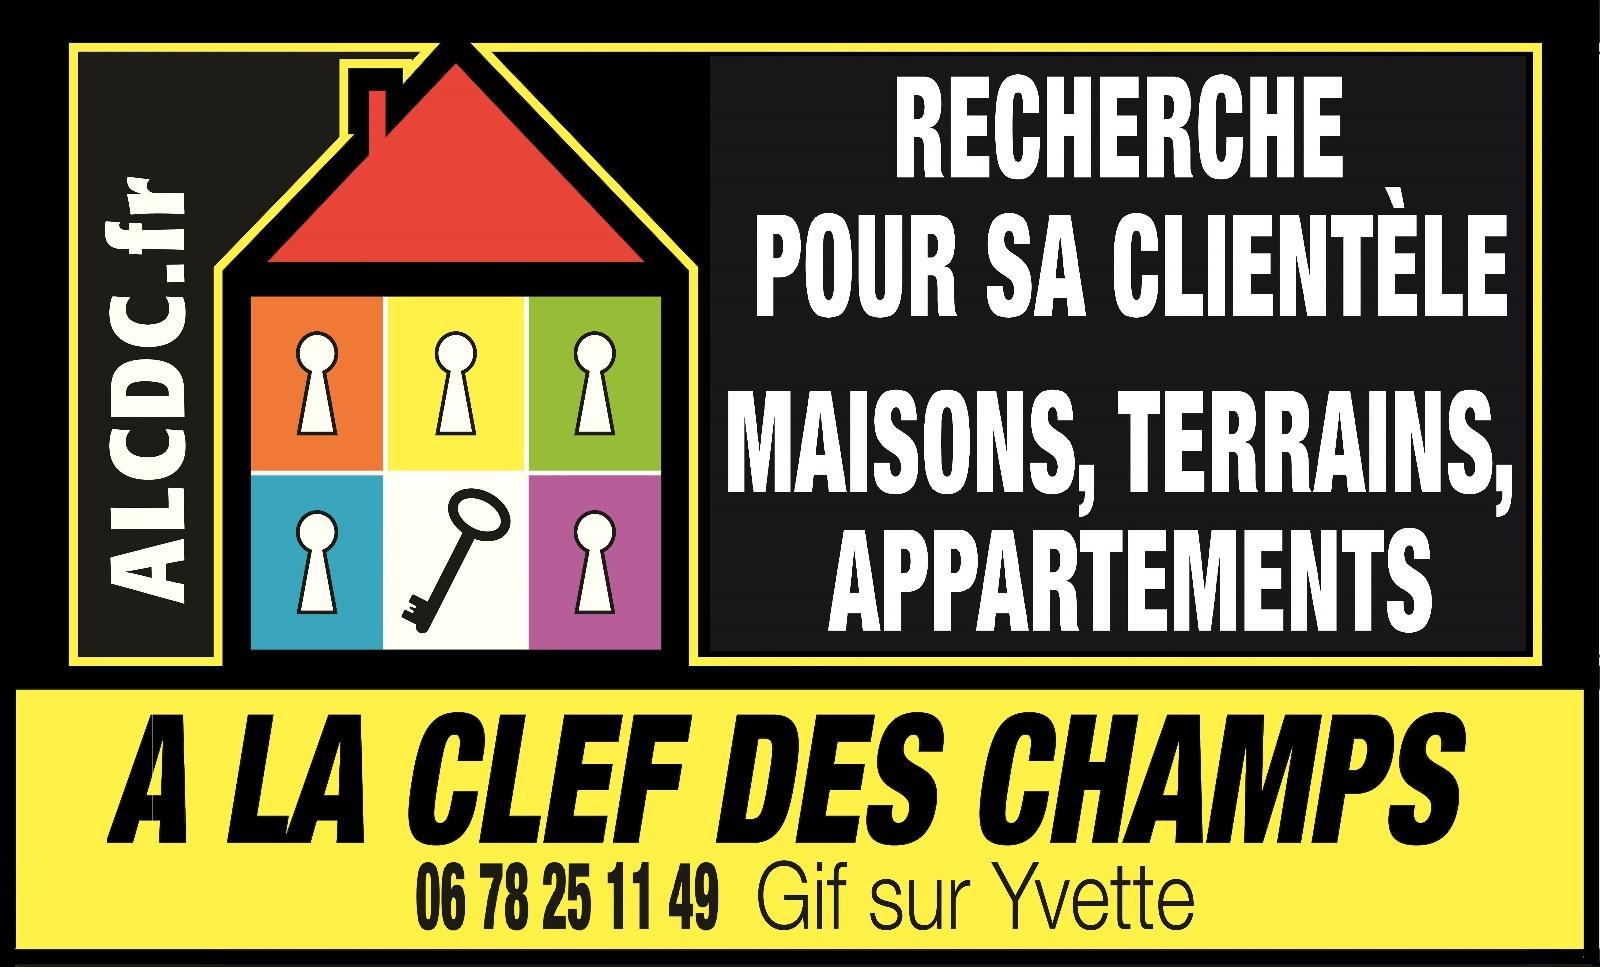 GIF SUR YVETTE MAISON 8 PC A VENDRE